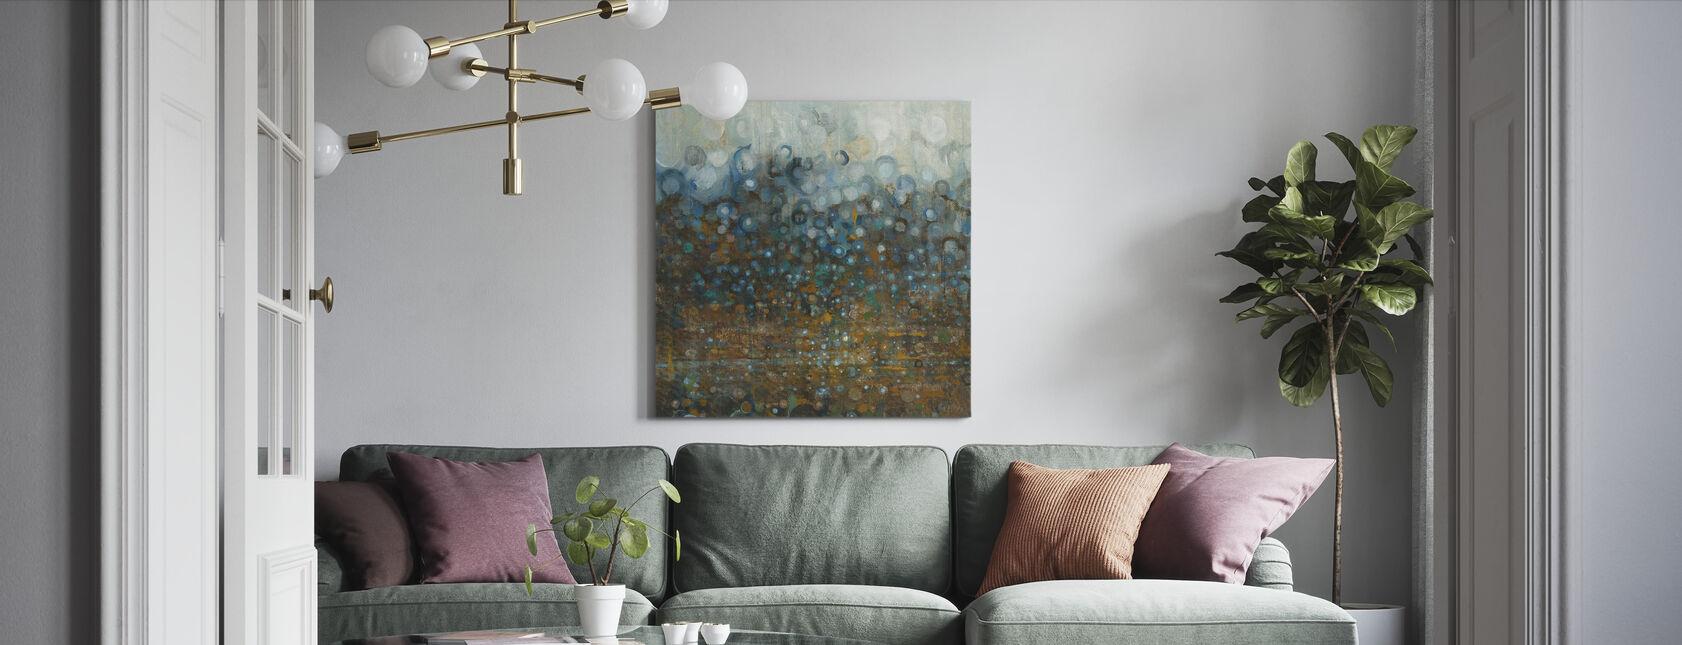 Blauwe en Bronzen Stippen - Canvas print - Woonkamer